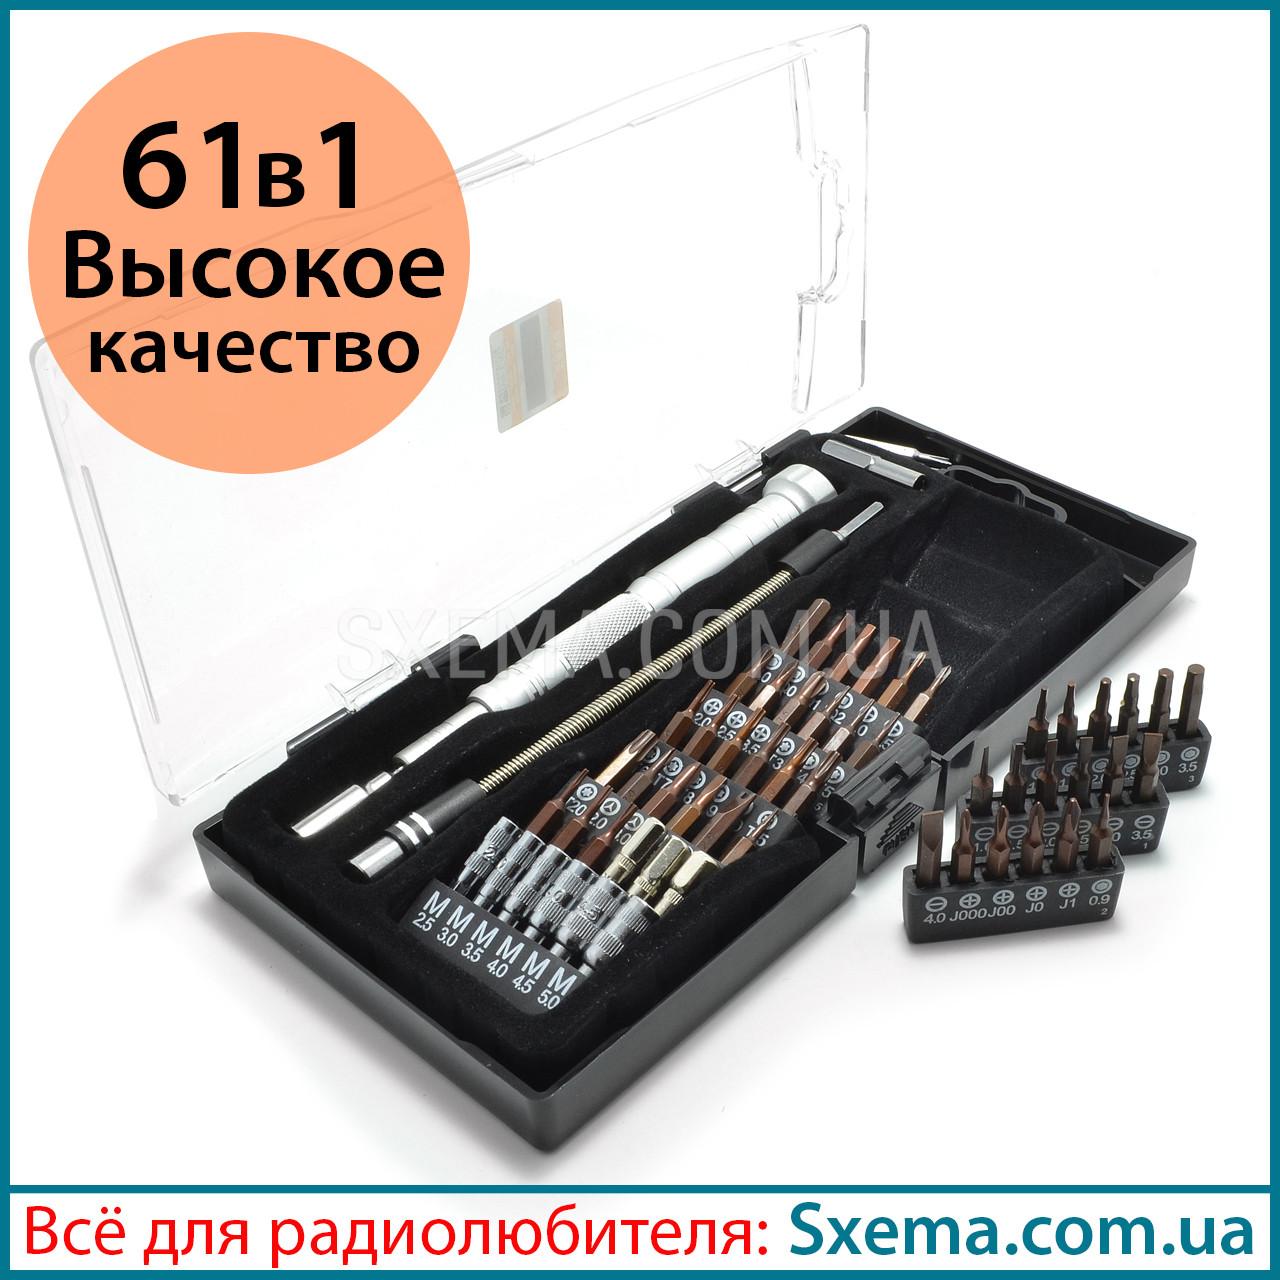 Набор отверток Jakemy JM-8166 61 предмет для телефонов, электроники, премиум качество